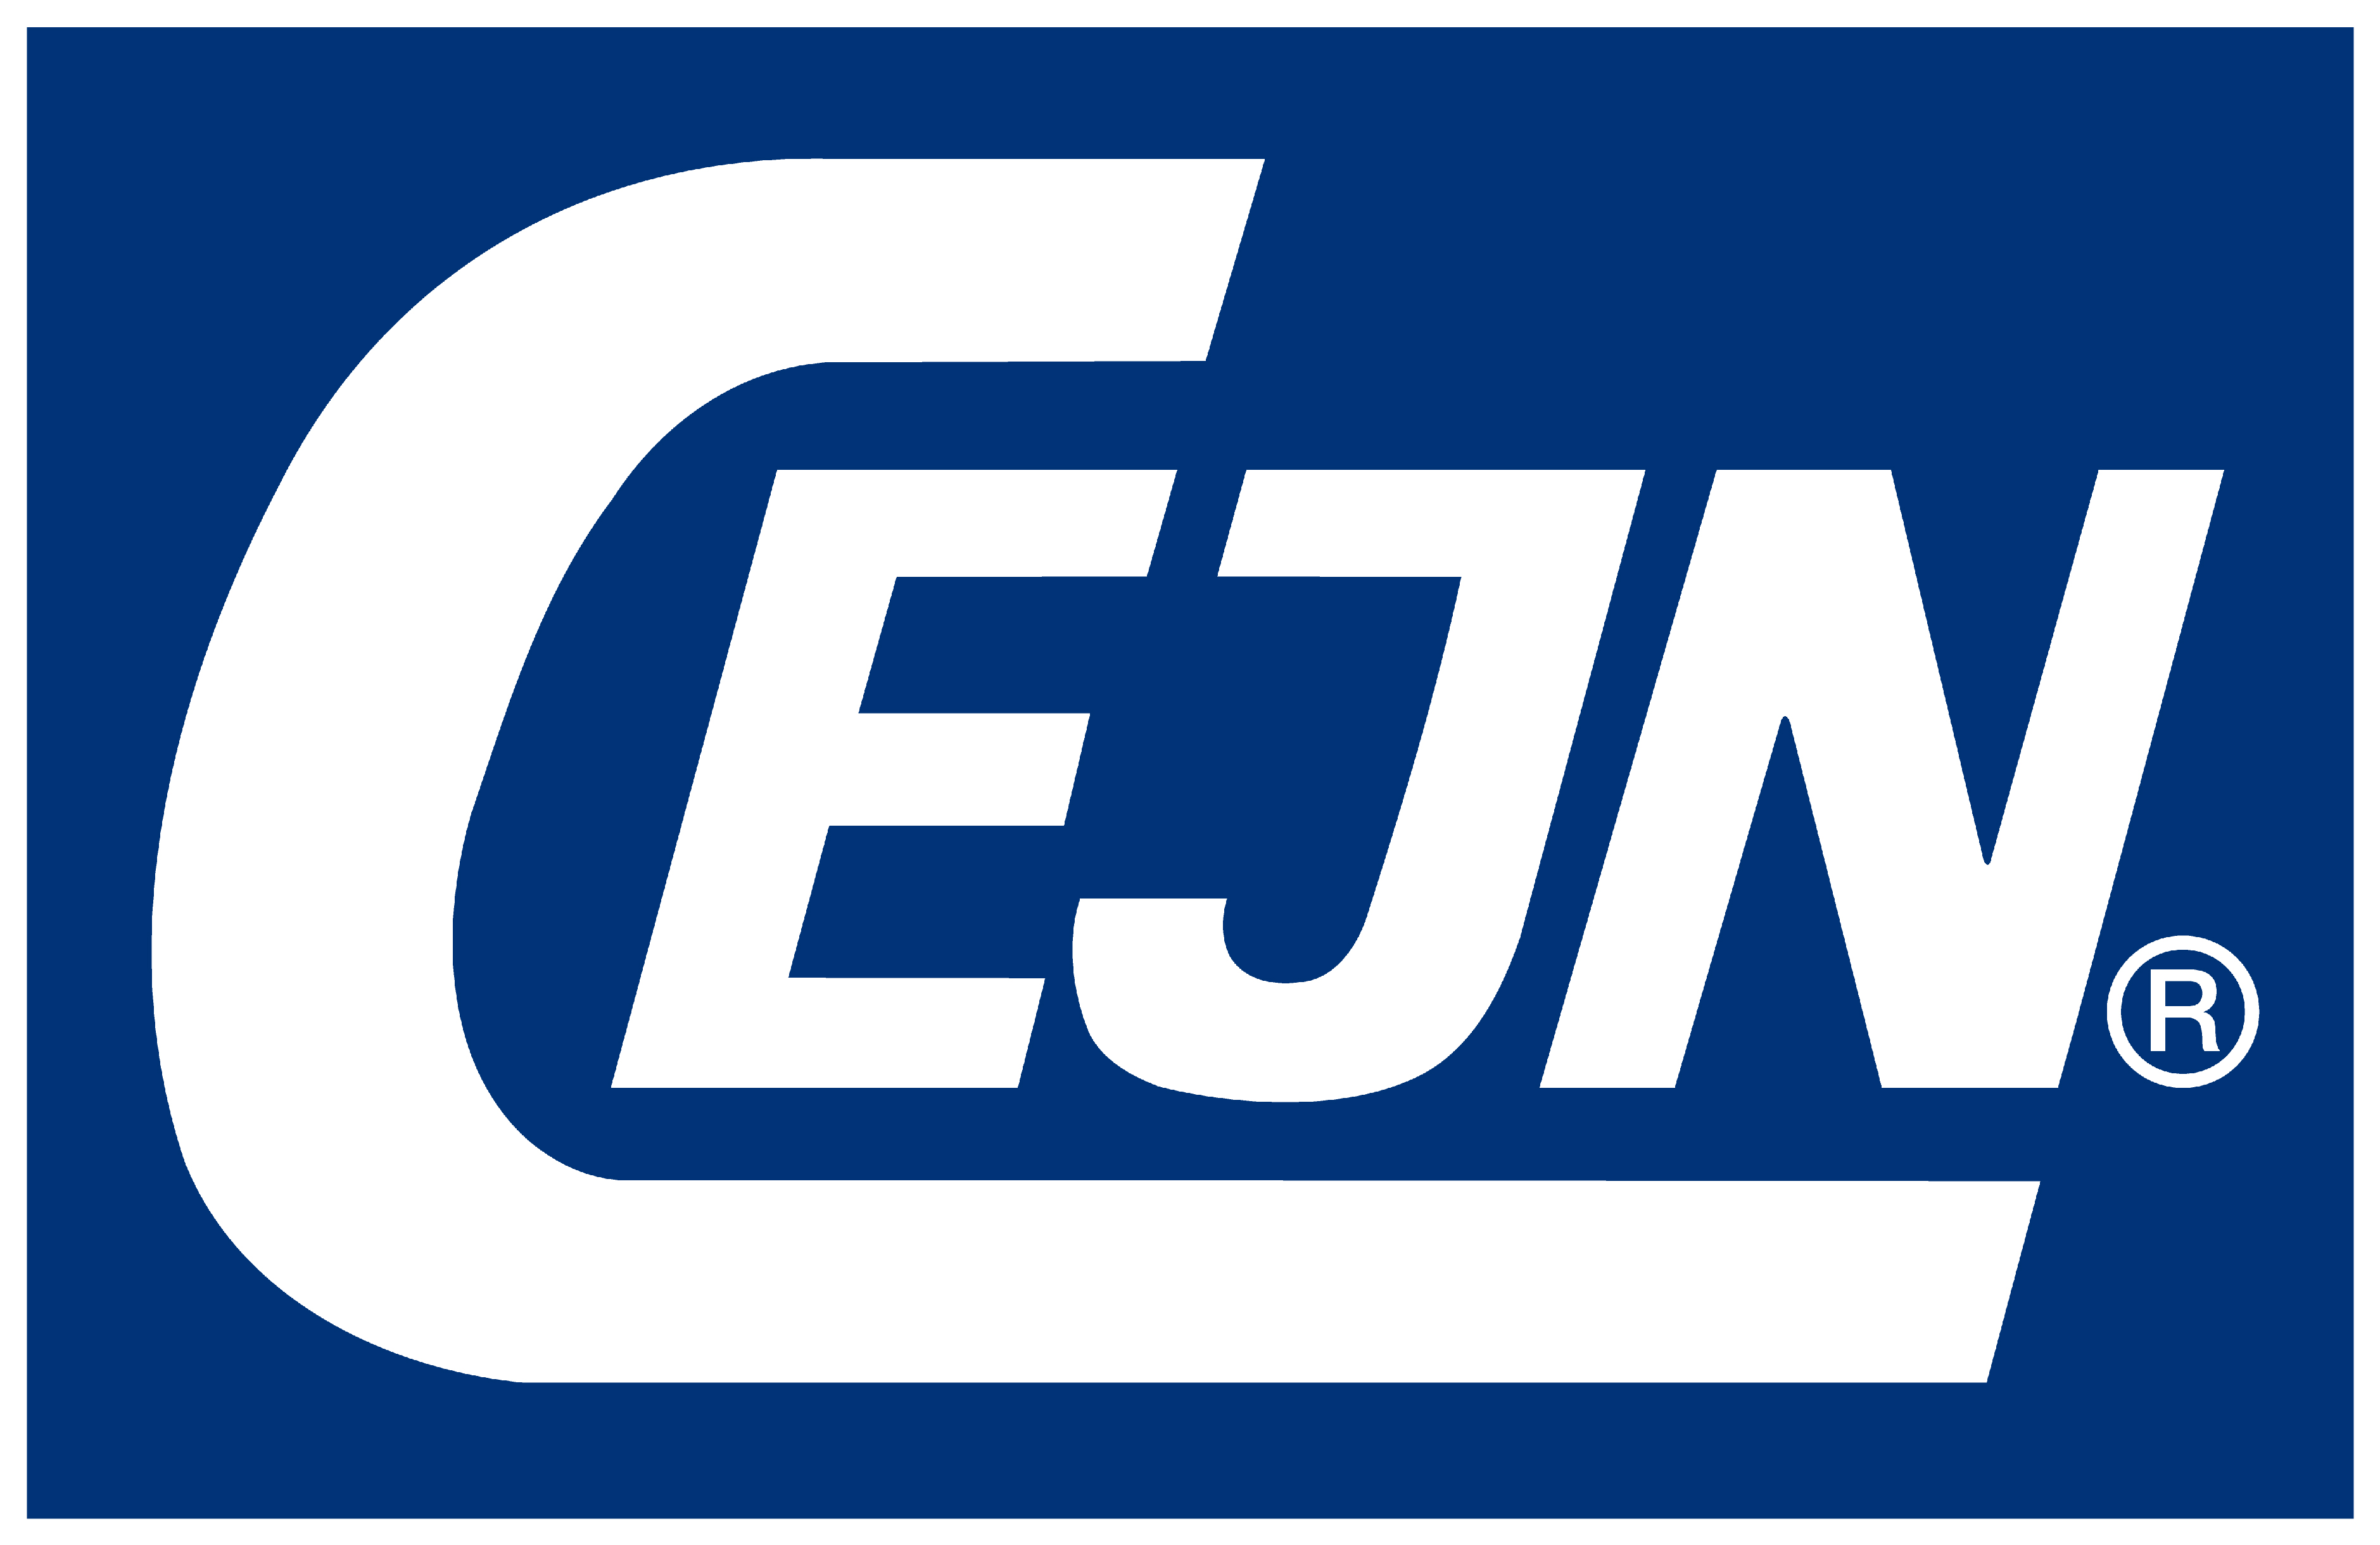 希恩流体系统(上海)有限公司